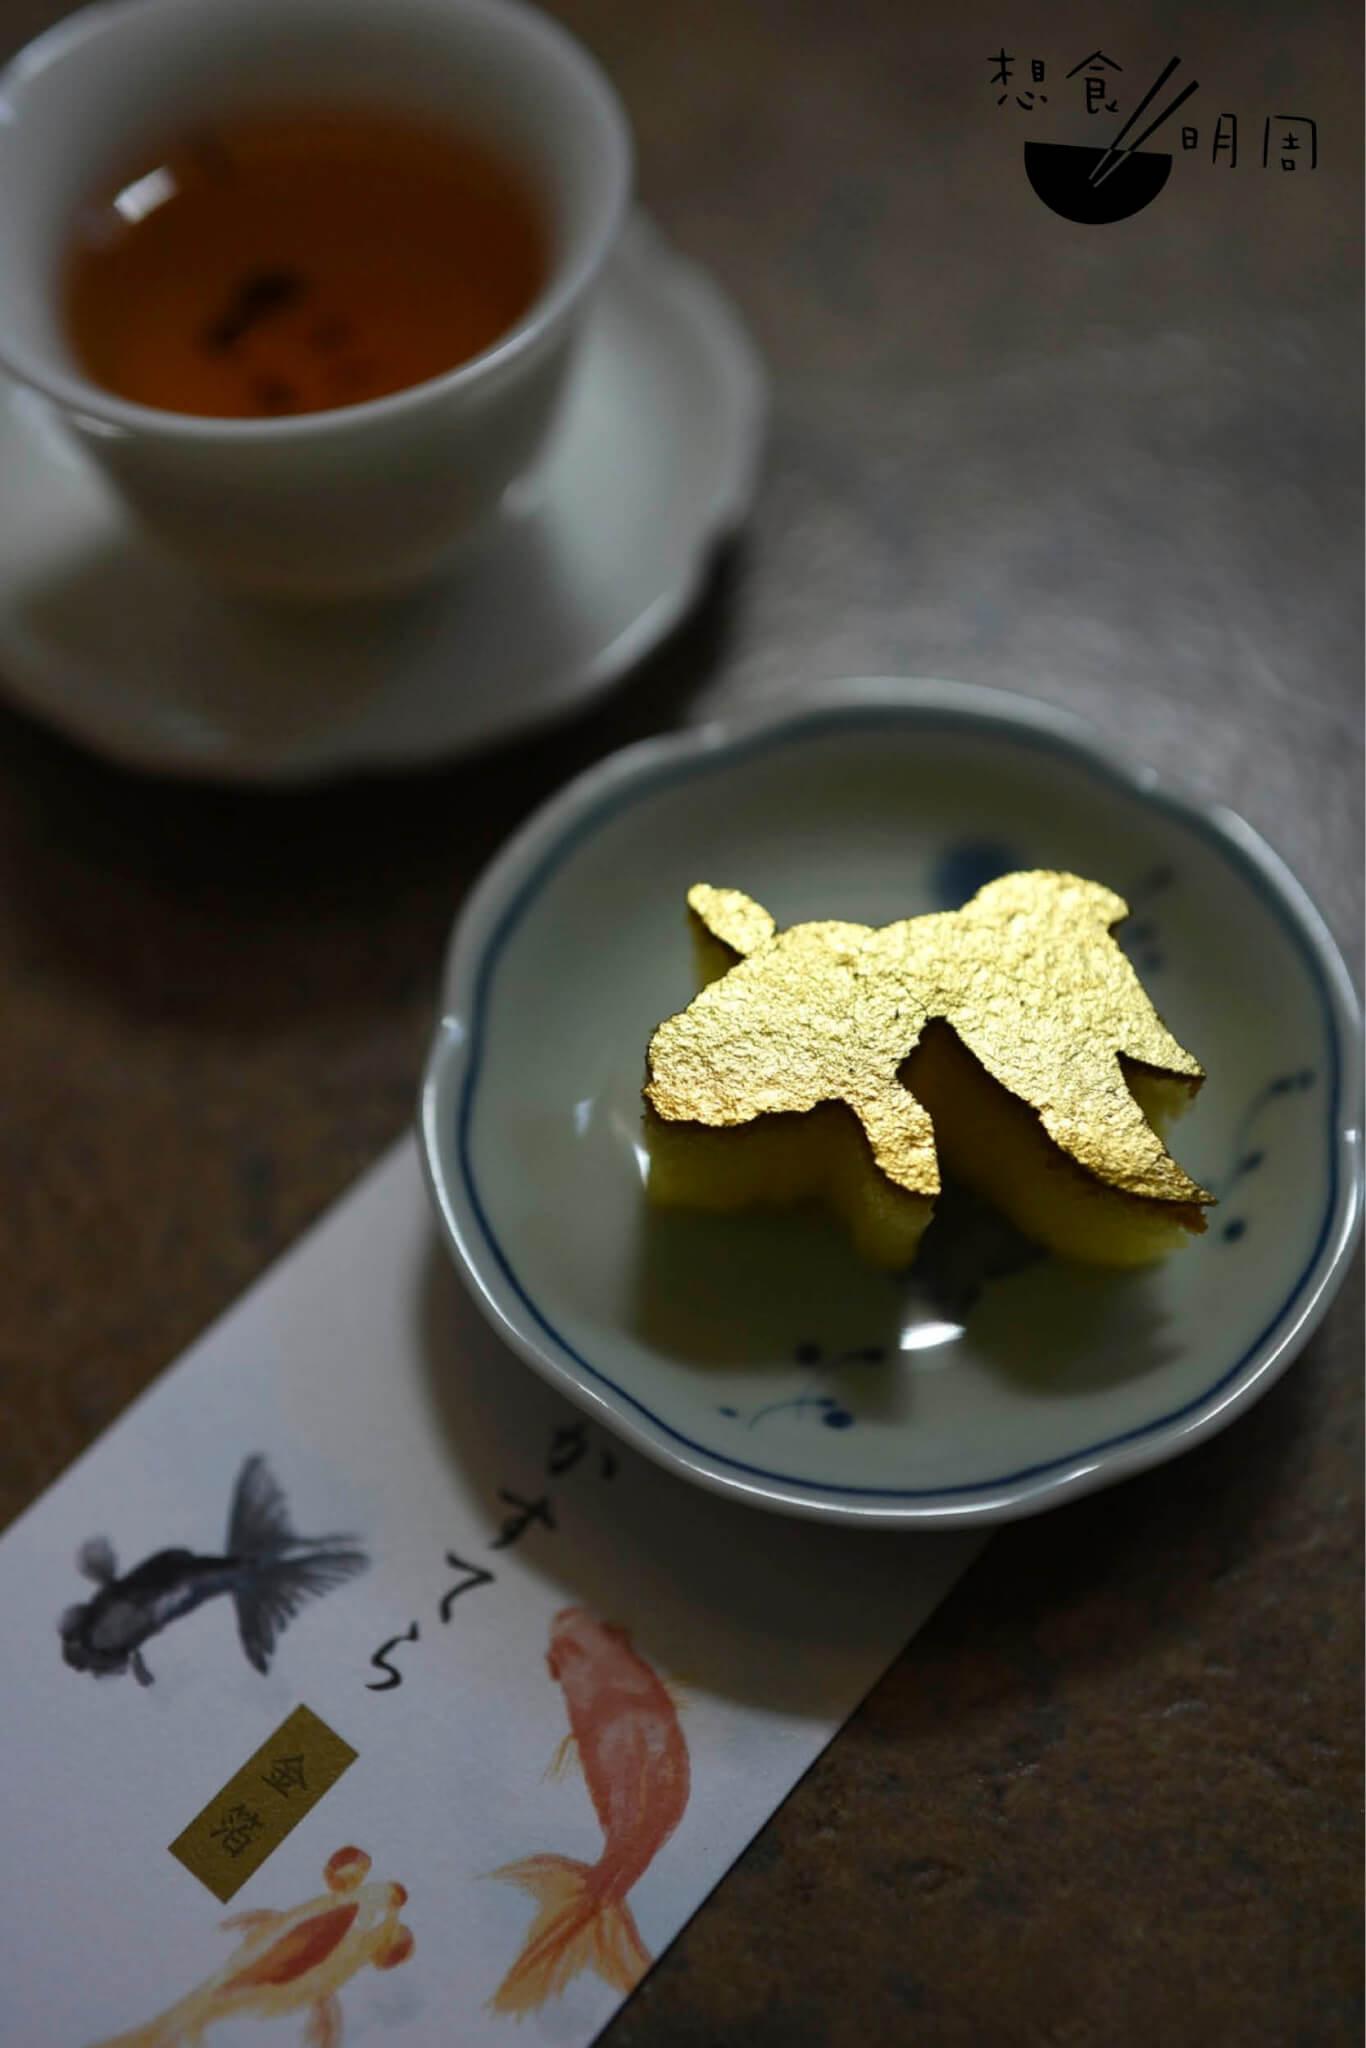 傳統口味的「金魚」蛋糕,如在逐波游躍,姿態生動。